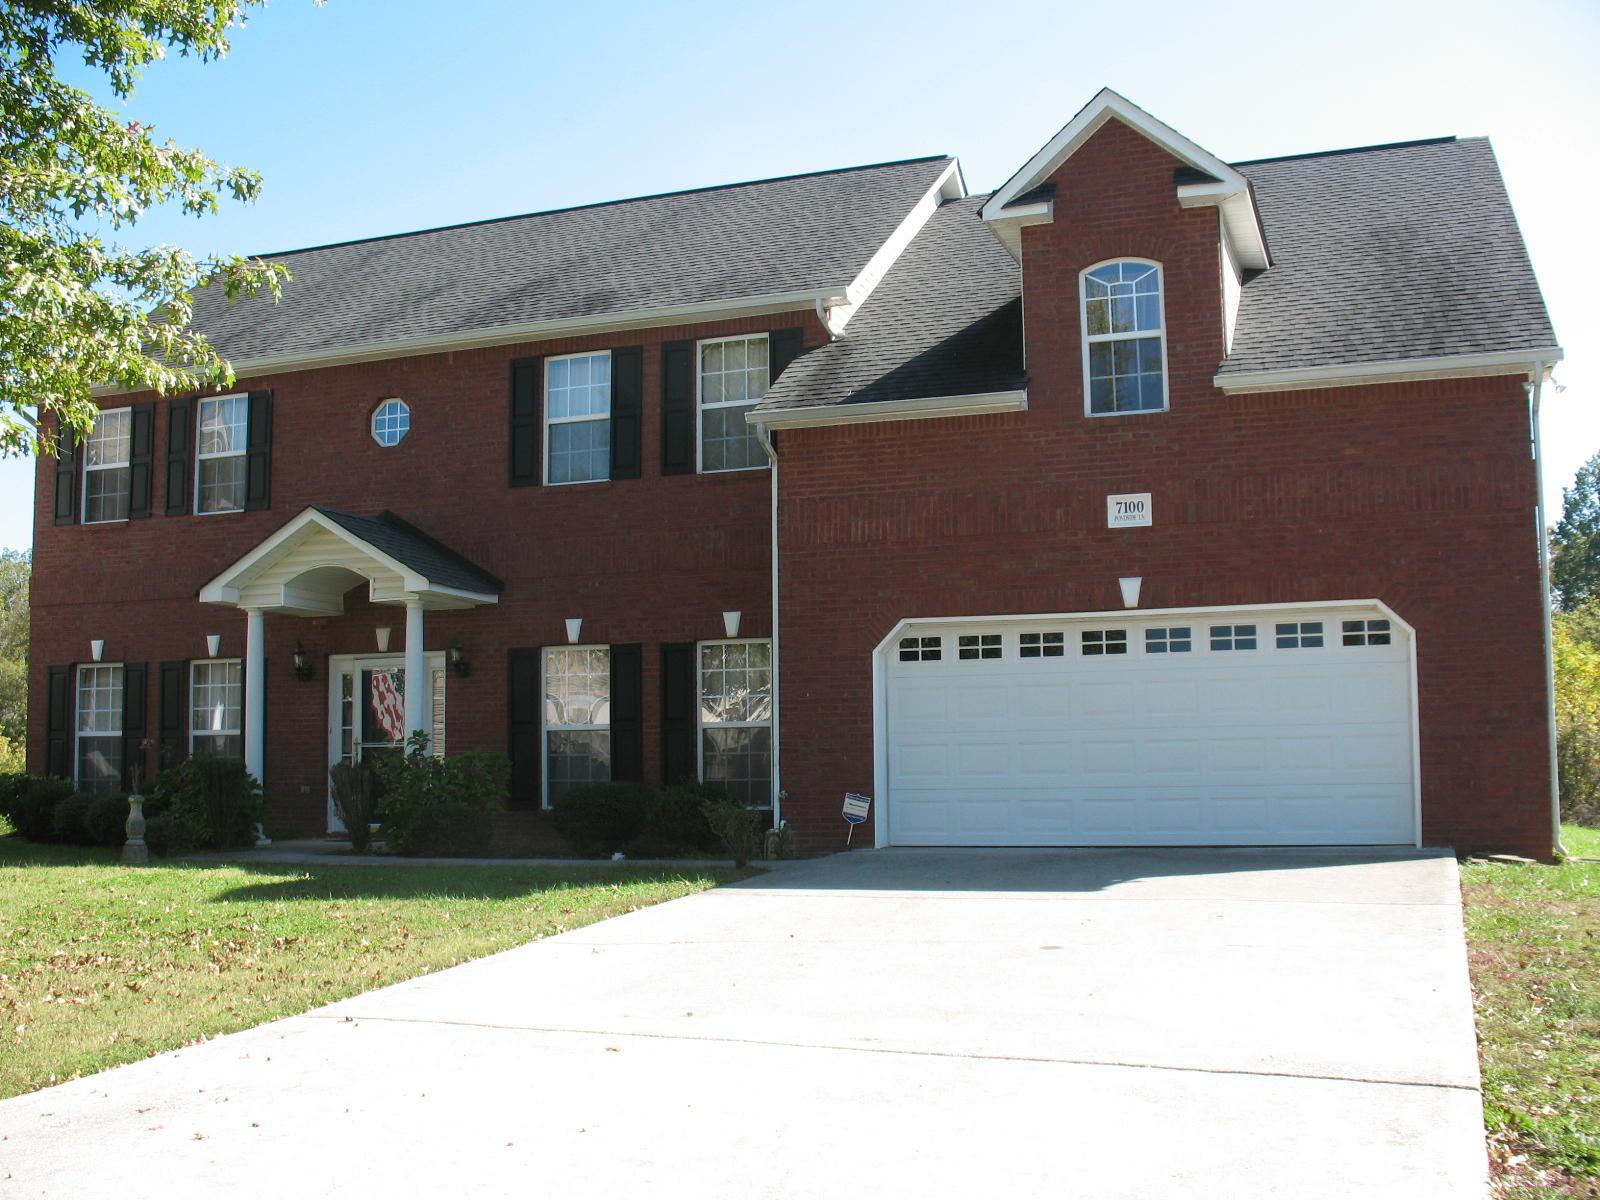 7100 Pondside Lane, Knoxville, Tennessee 37931, 3 Bedrooms Bedrooms, ,2 BathroomsBathrooms,Single Family,For Sale,Pondside,1133554